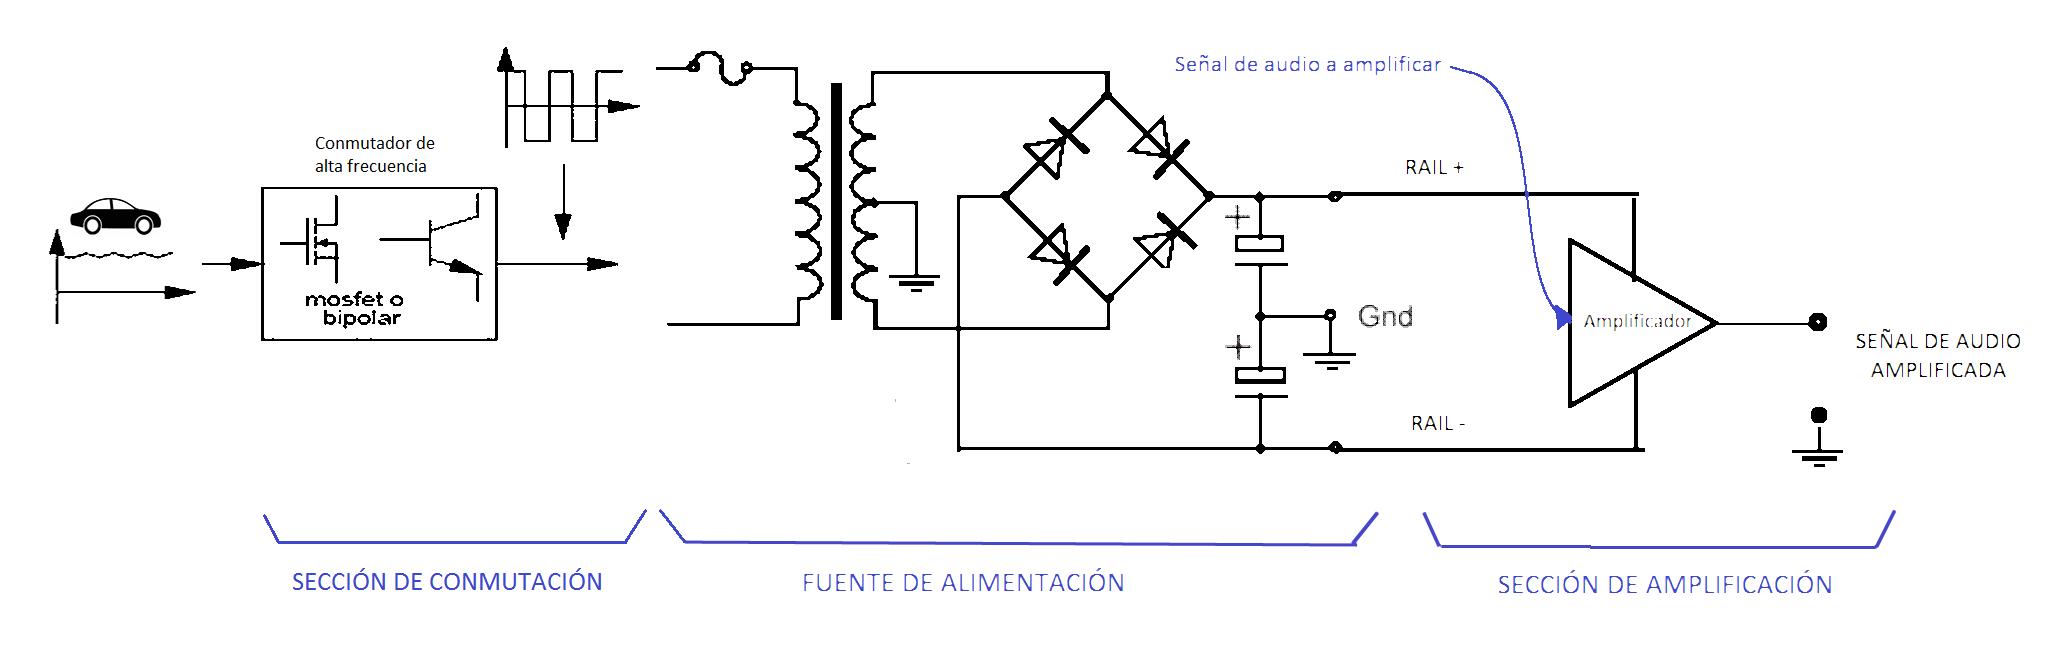 Fuente de alimentación de un amplificador de car audio